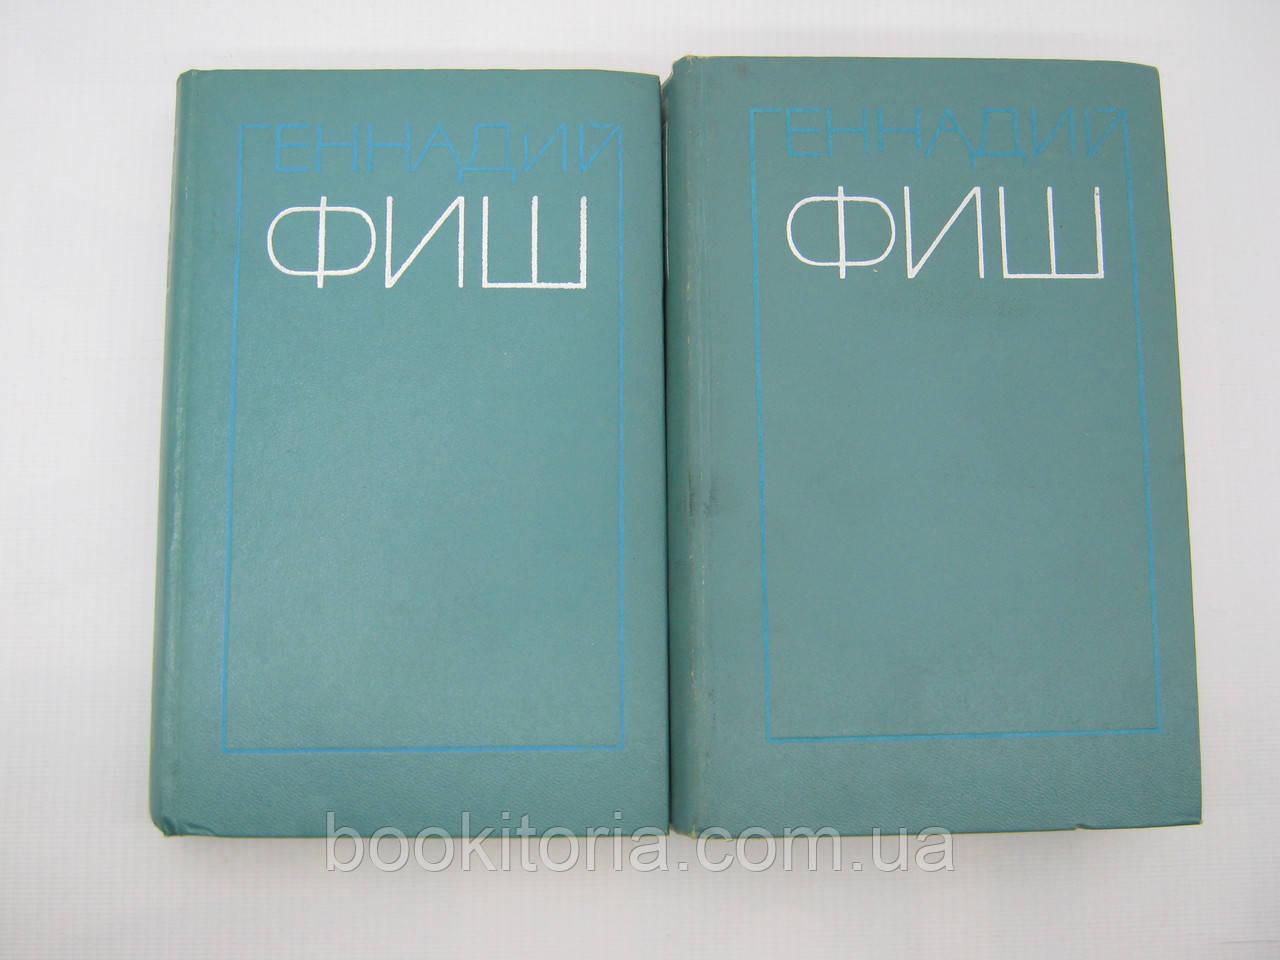 Фиш Г. Избранные произведения. В 2-х (двух) томах (б/у).